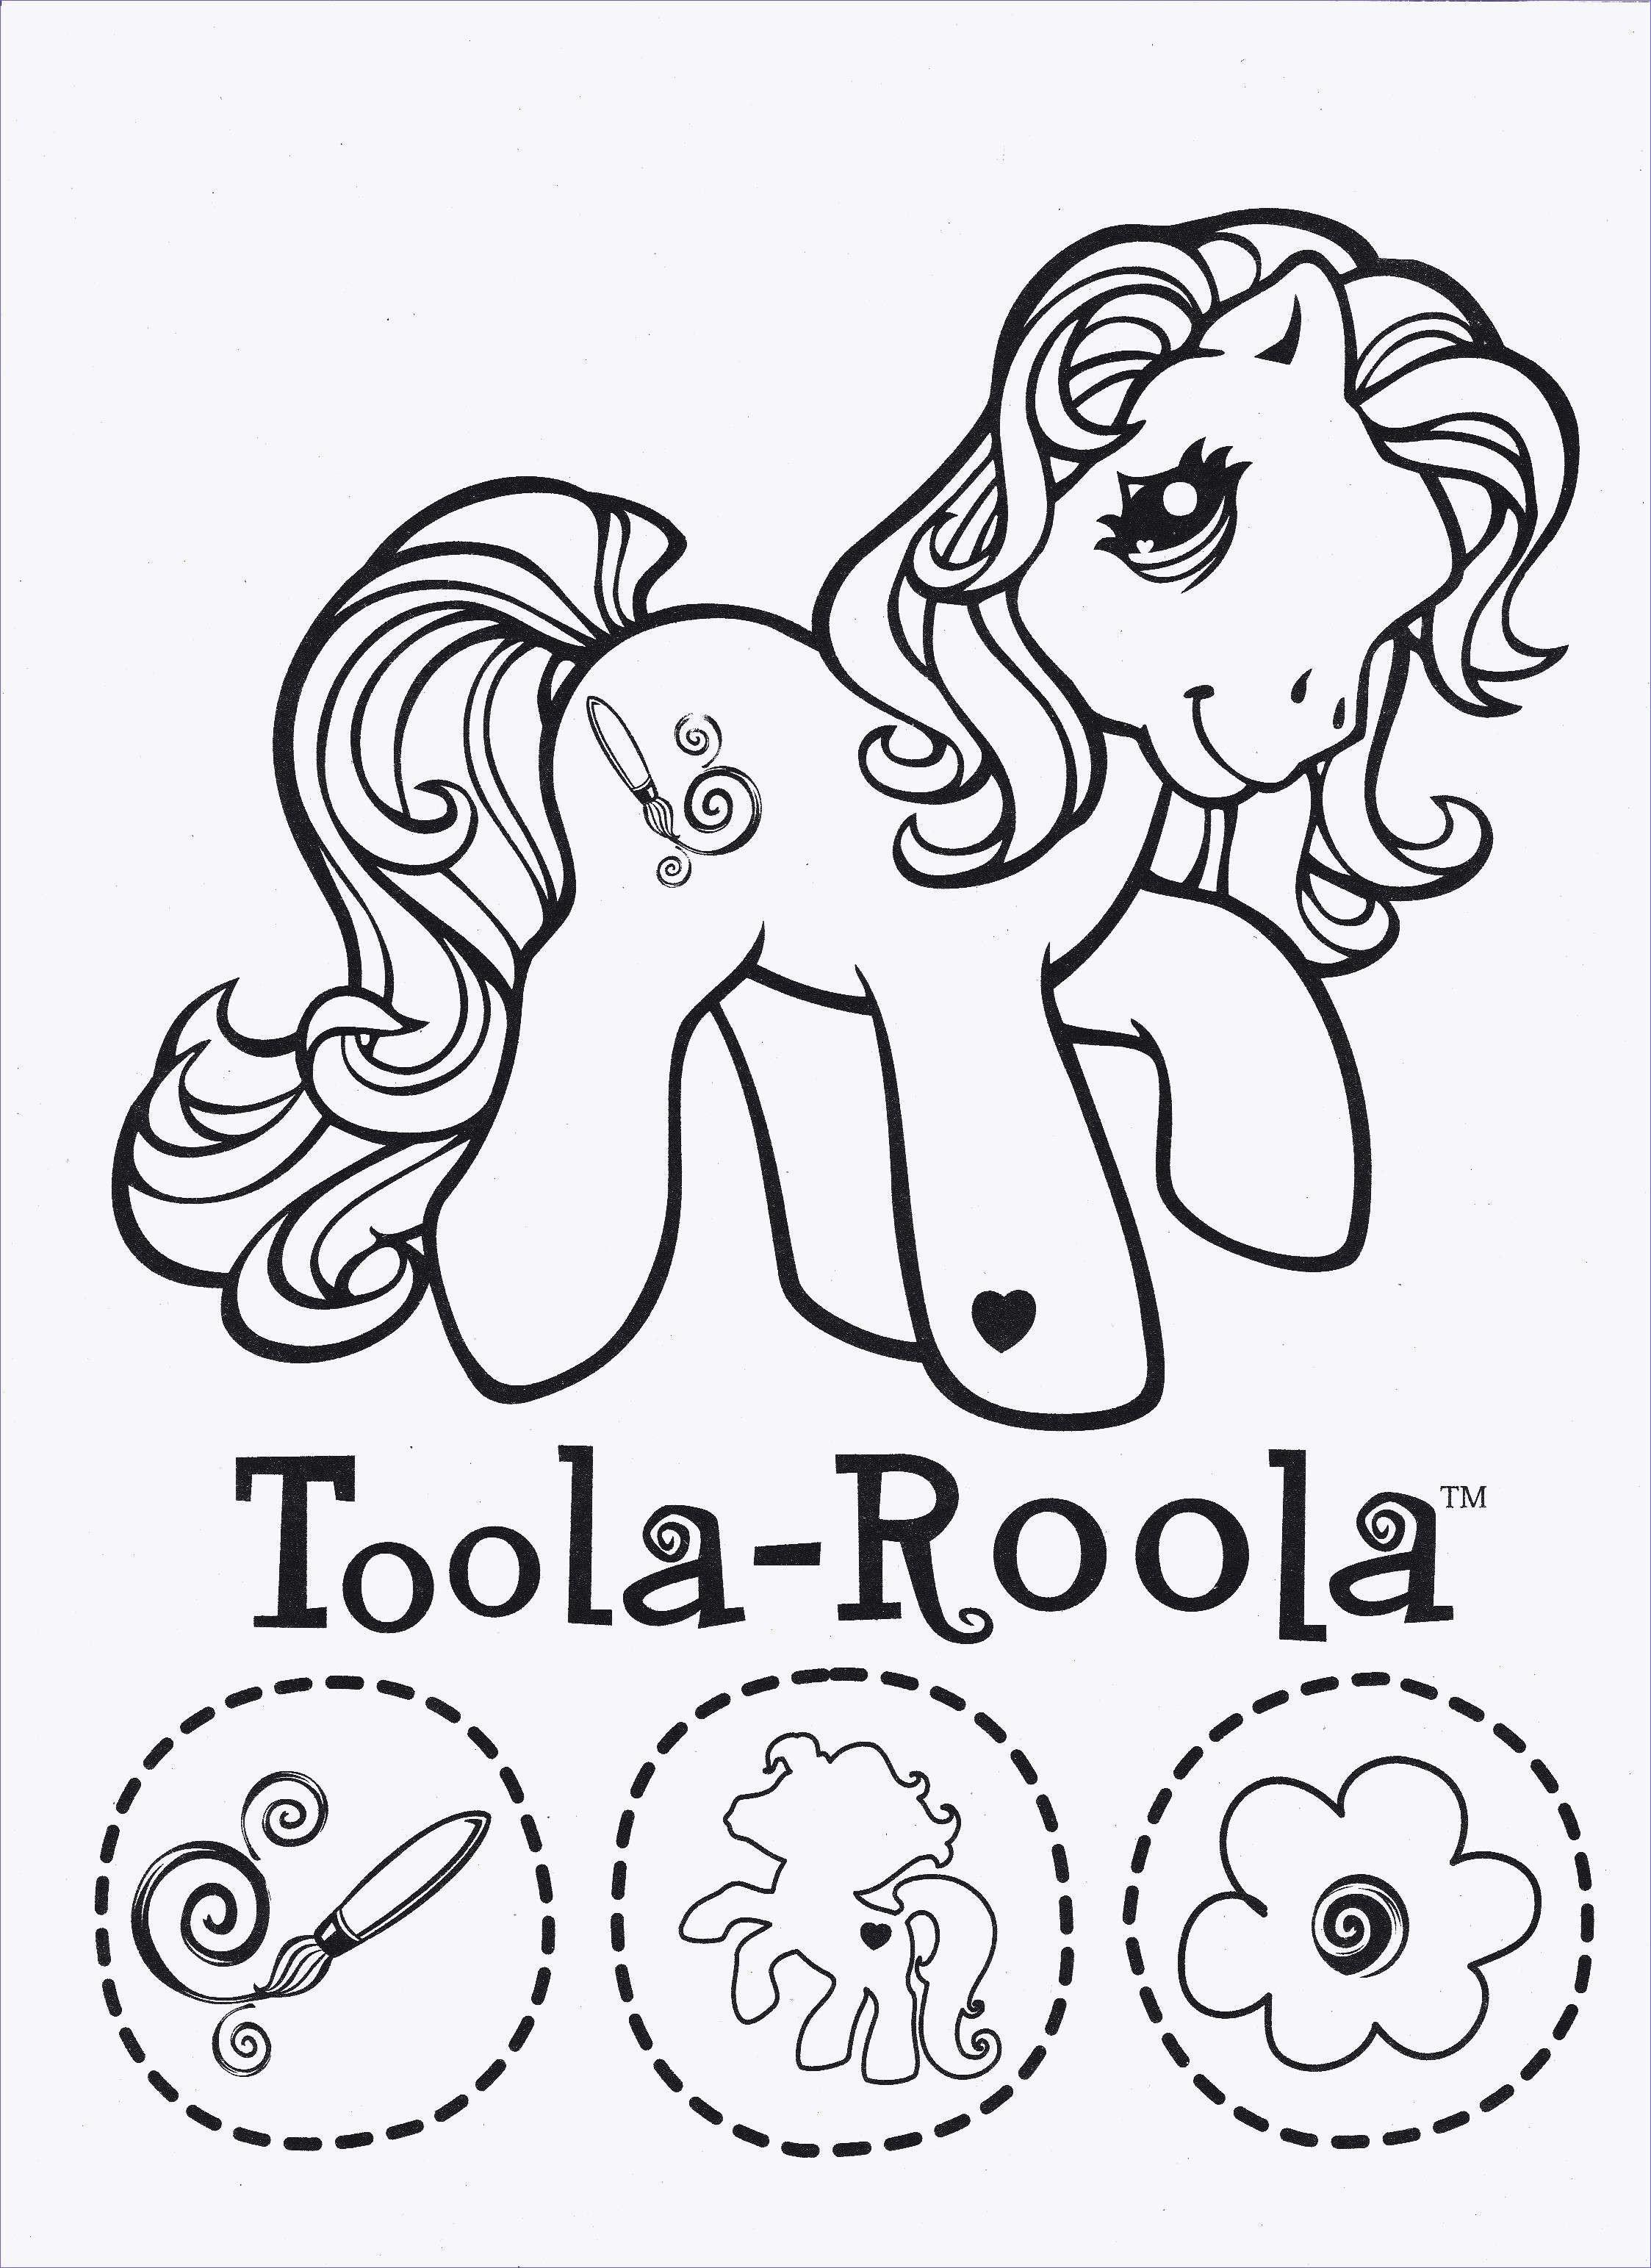 My Little Pony Rainbow Dash Ausmalbilder Inspirierend My Little Pony Equestria Girls Rainbow Rocks Coloring Pages Schön My Fotos